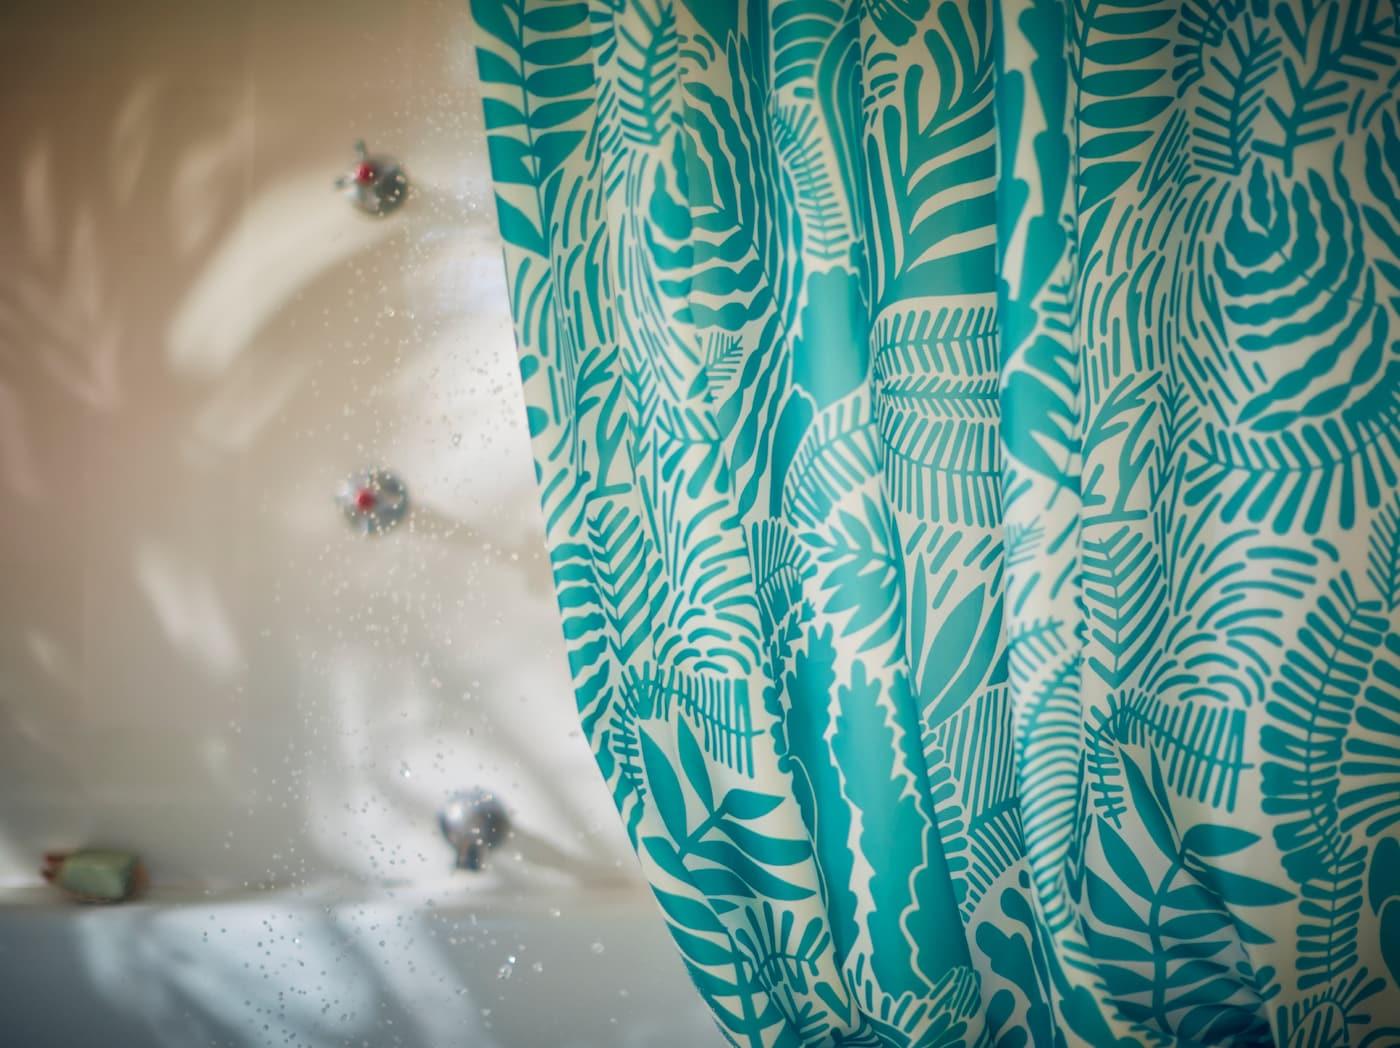 Nahaufnahme eines GATKAMOMILL Duschvorhangs mit verspieltem Blattmuster an einer Badewanne